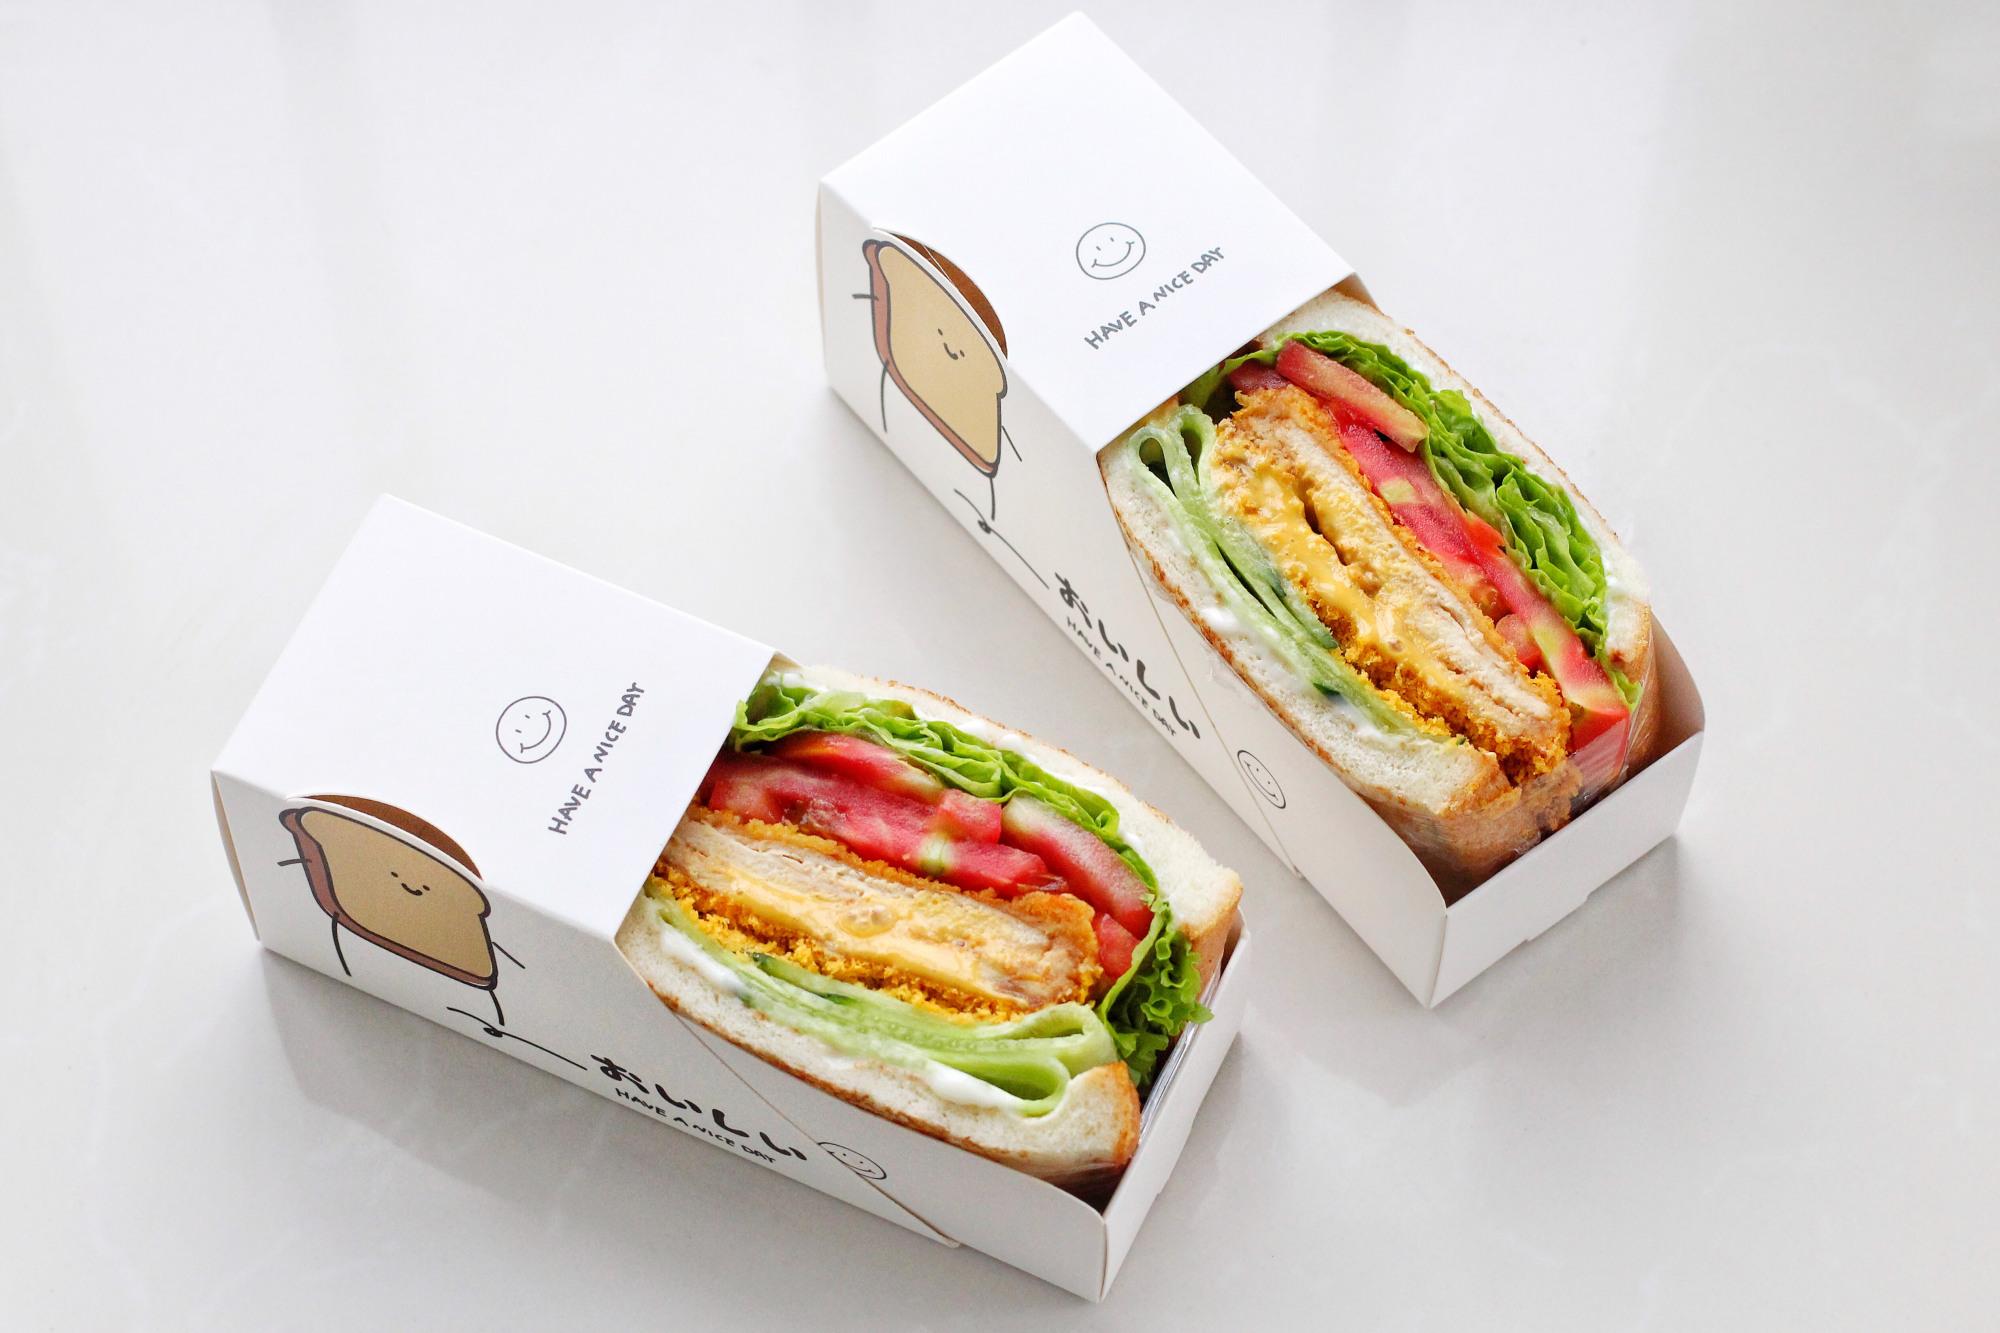 自制无油爆浆鸡排三明治,干净卫生比外卖健康,少花钱吃得还过瘾 美食做法 第14张